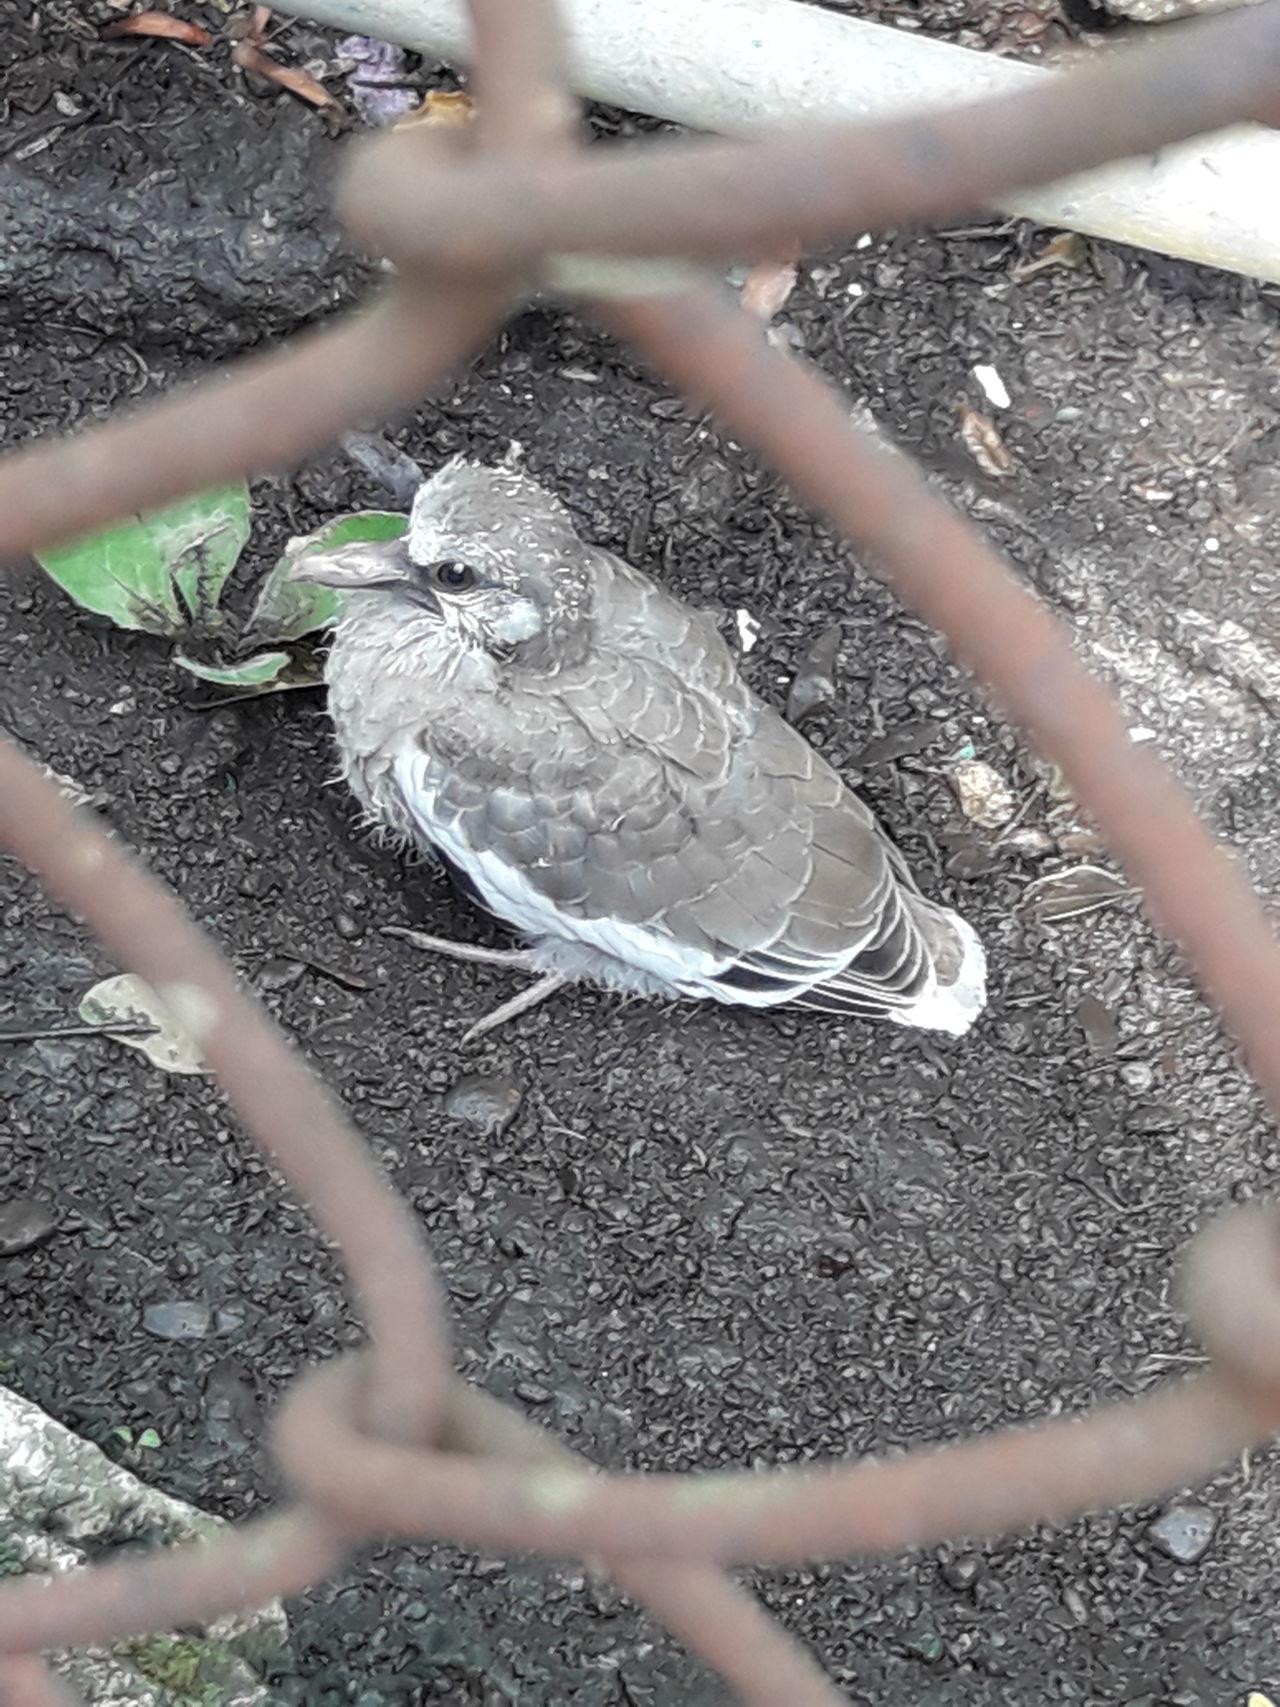 Aves Nature Photography Outdoors Spring Spring Birds En Mexico